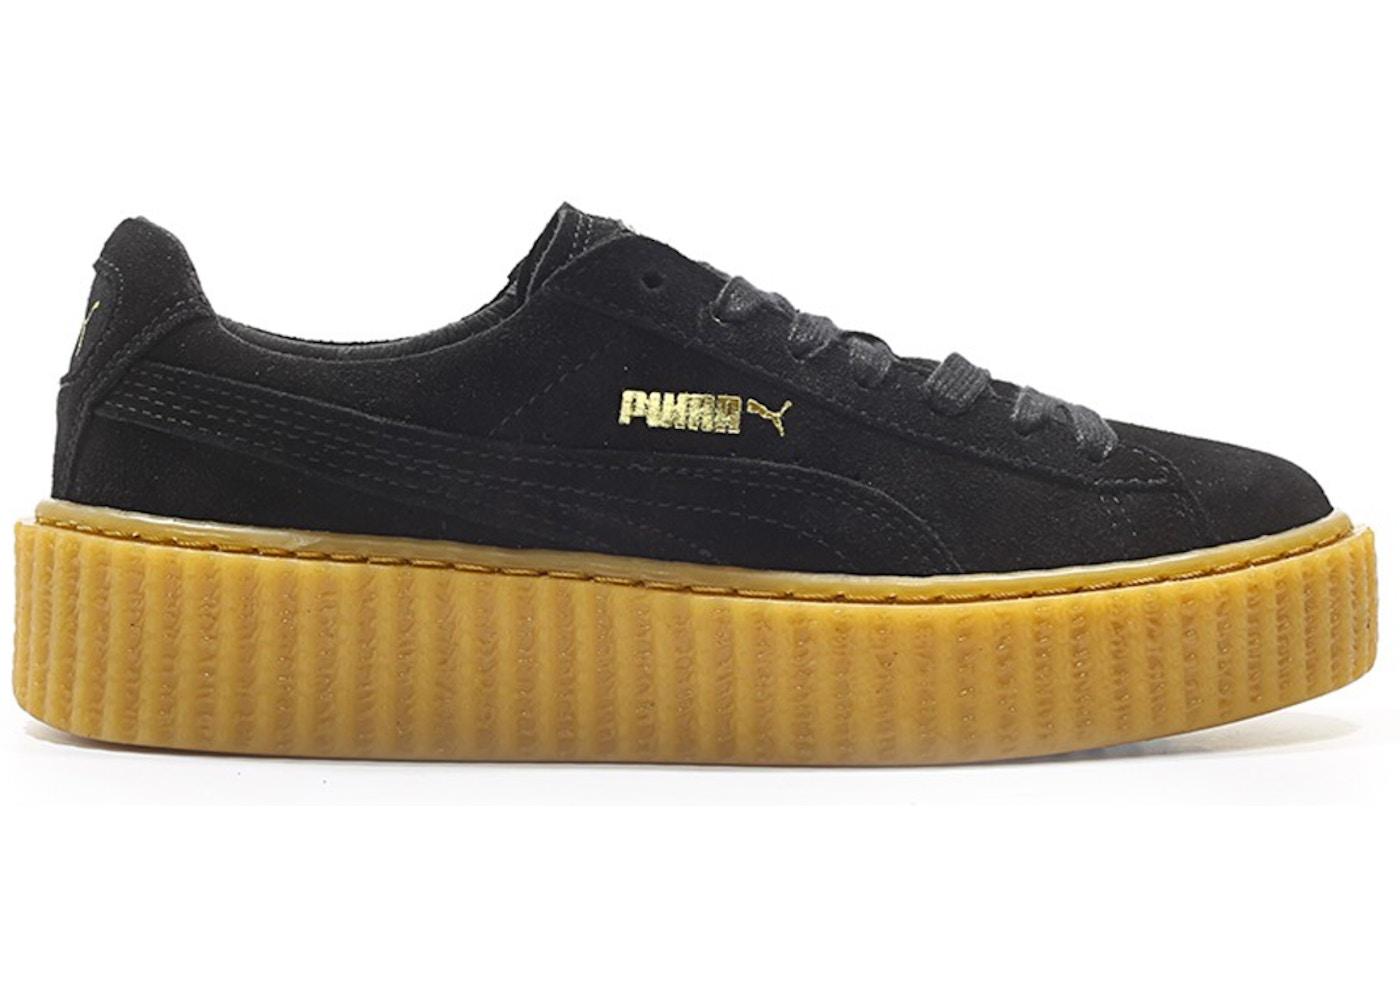 Puma Creepers Rihanna Fenty Black Oatmeal (W)